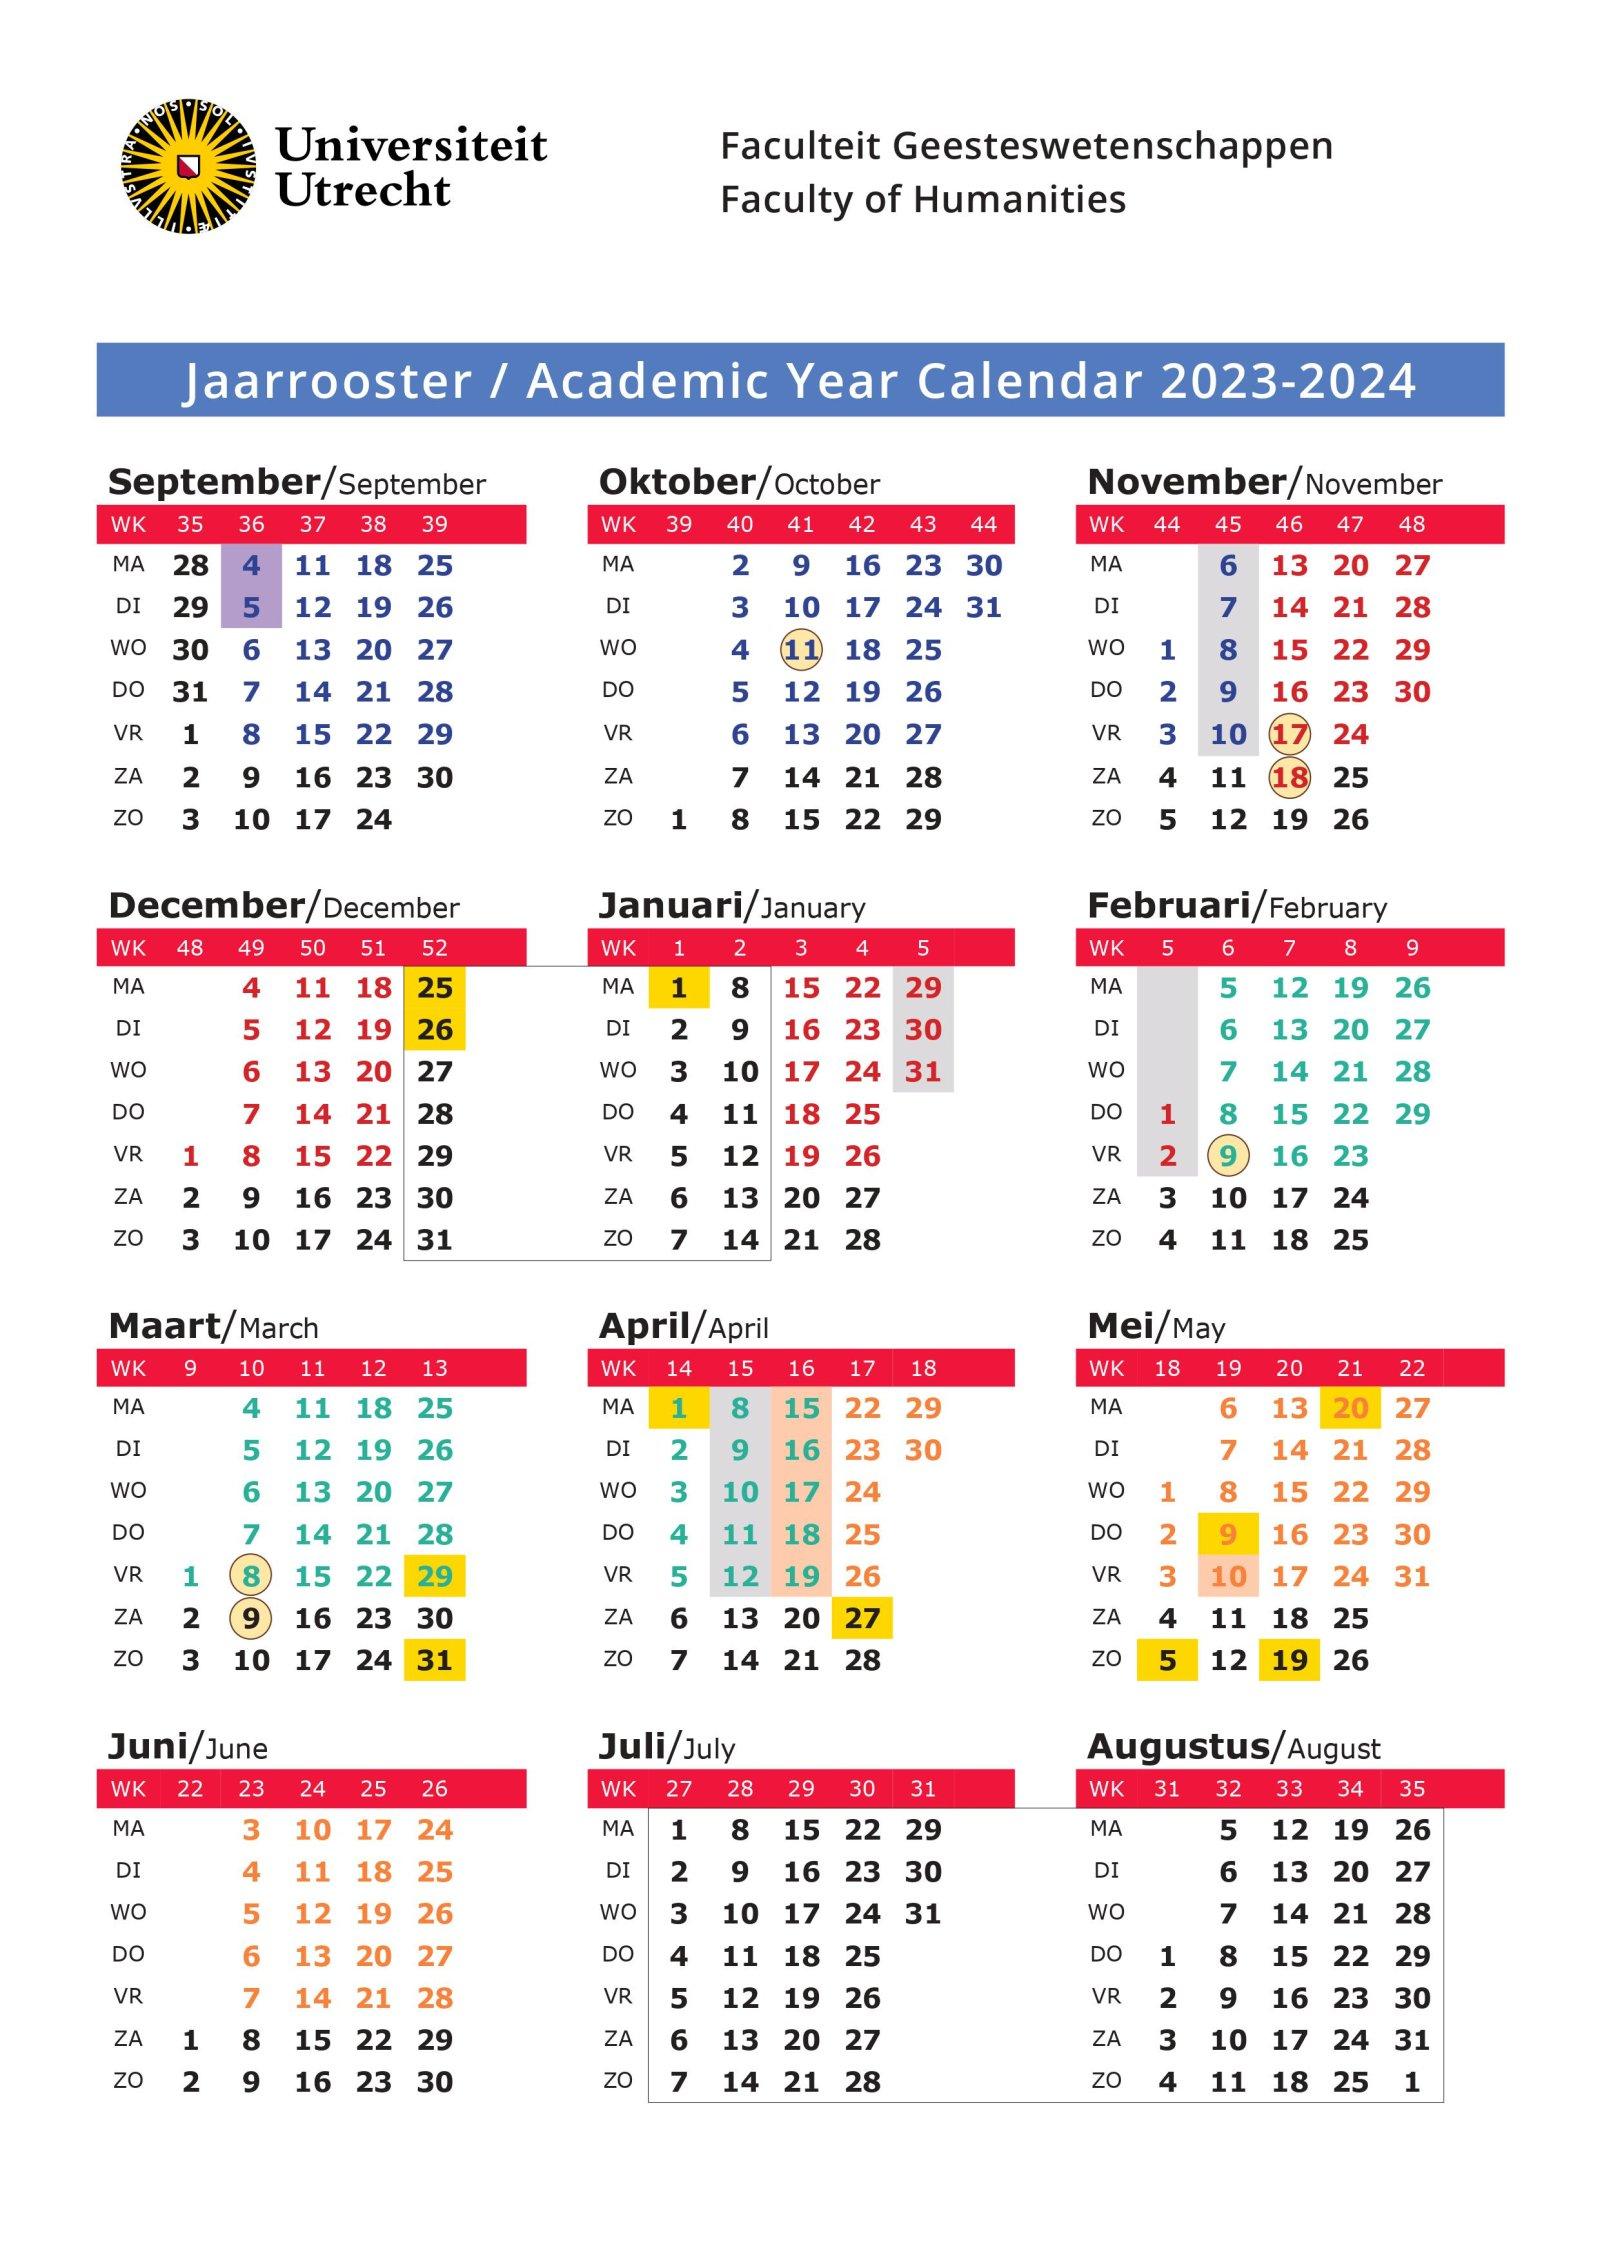 Academische jaarkalender Faculteit Geesteswetenschappen